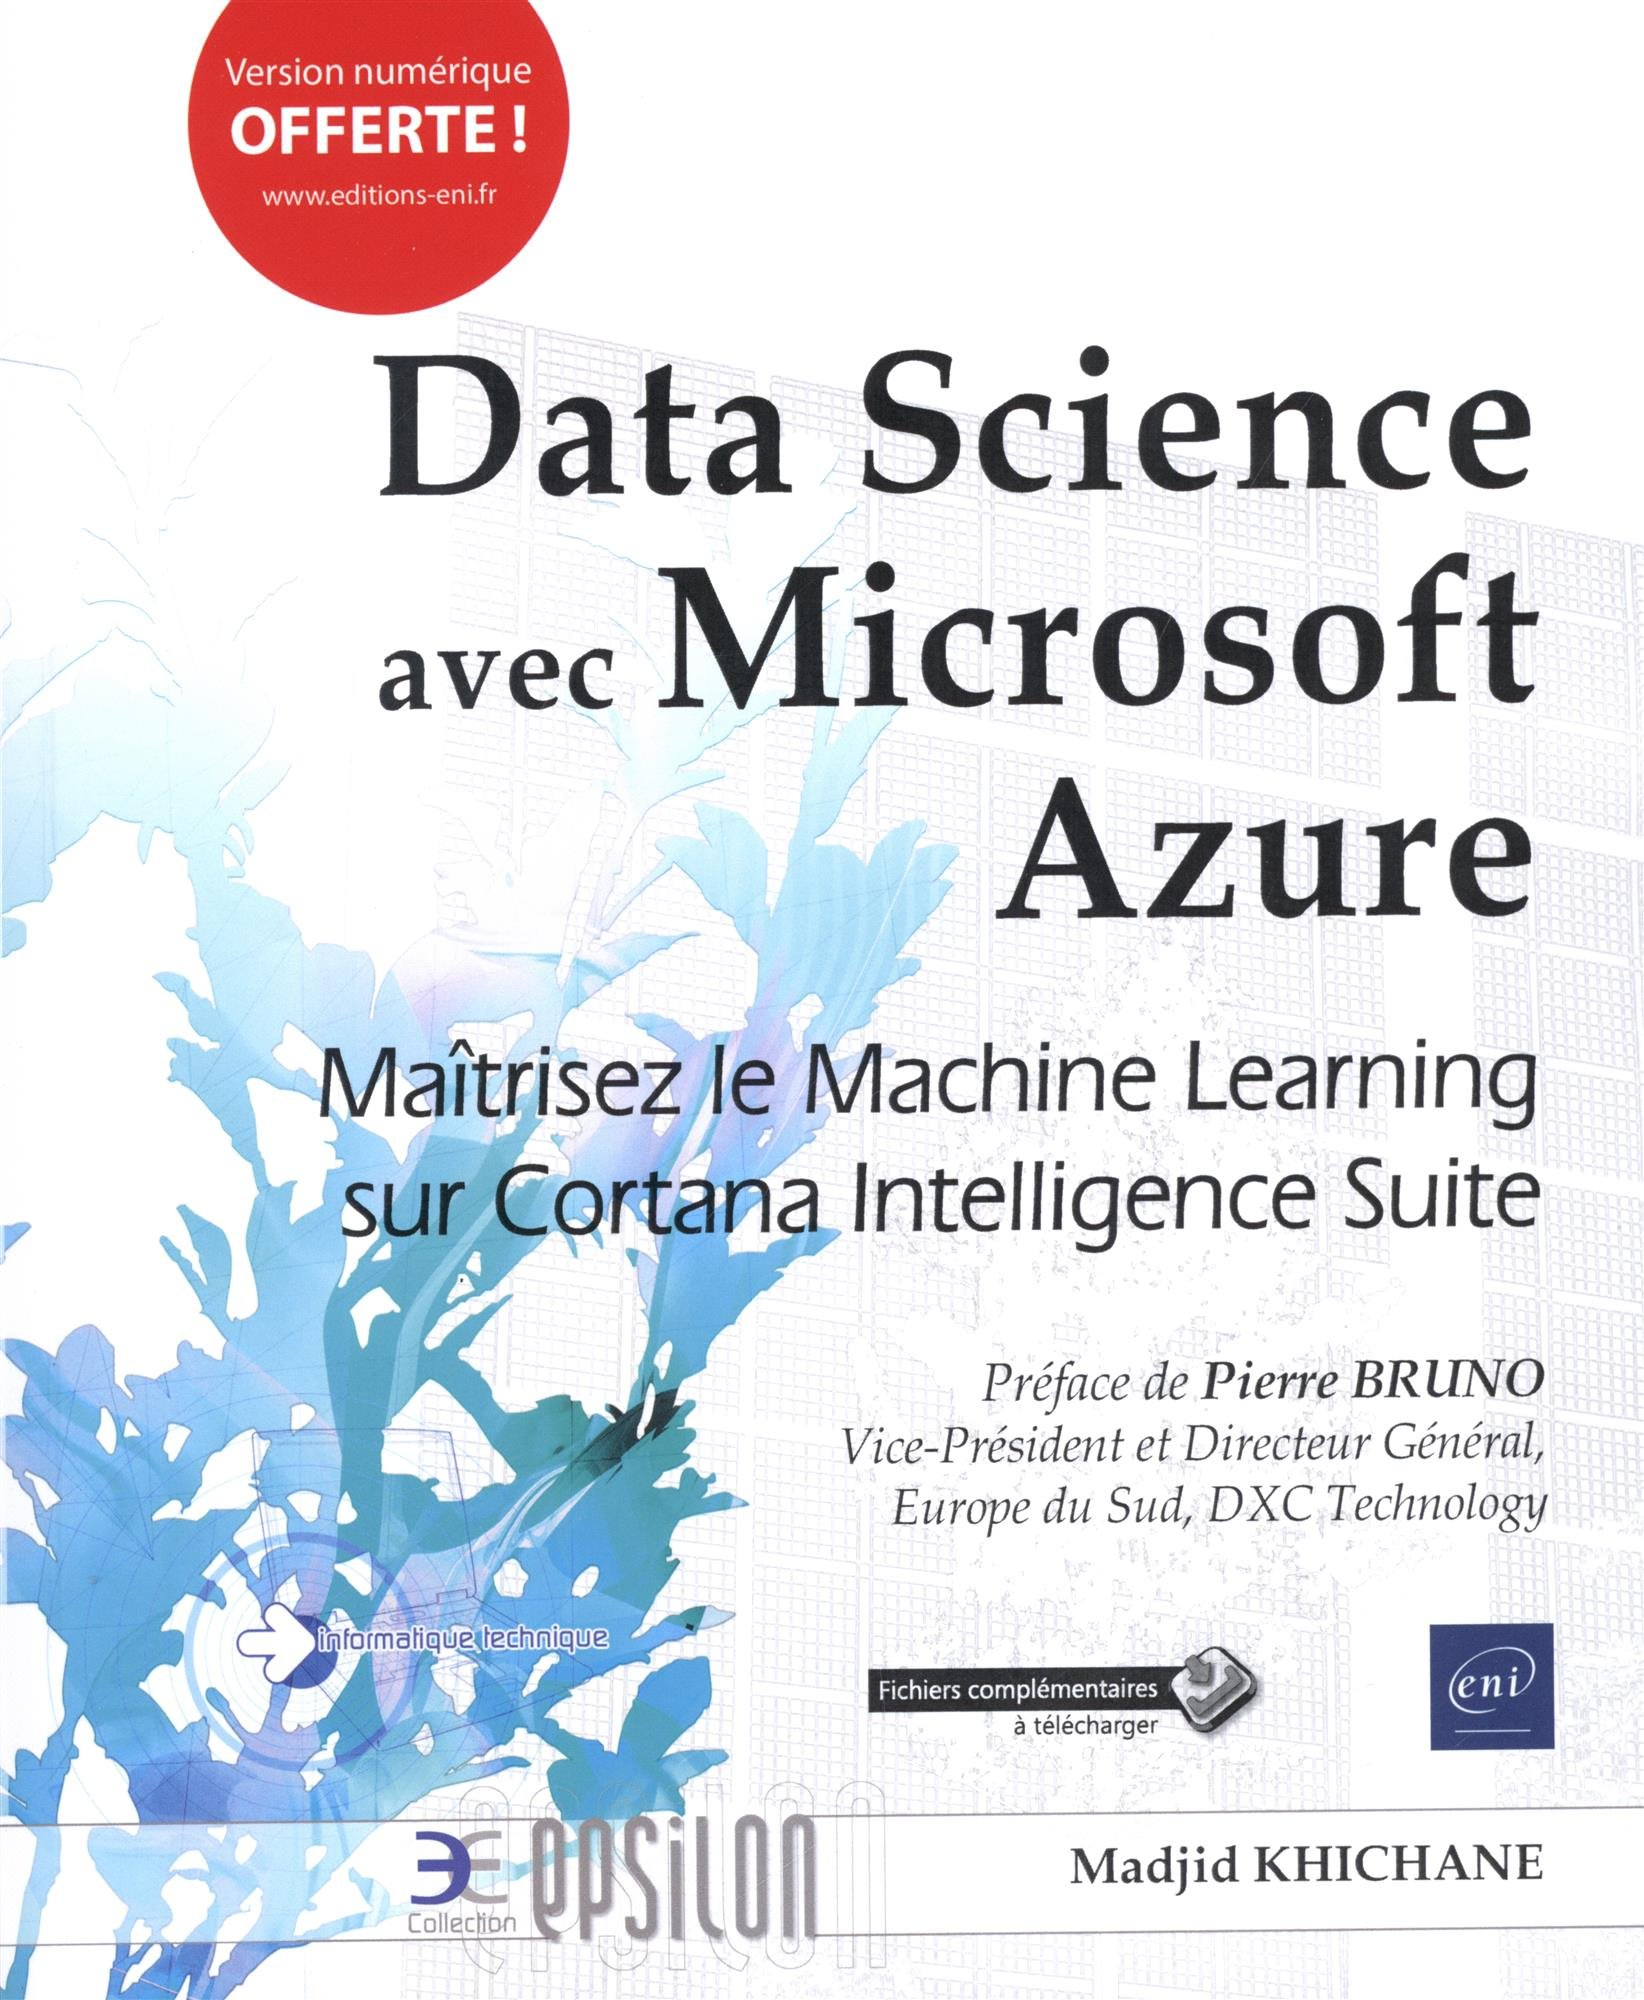 Data Science avec Microsoft Azure - Maîtrisez le Machine Learning sur Cortana Intelligence Suite Broché – 14 mars 2018 Madjid KHICHANE Editions ENI 2409012787 Informatique